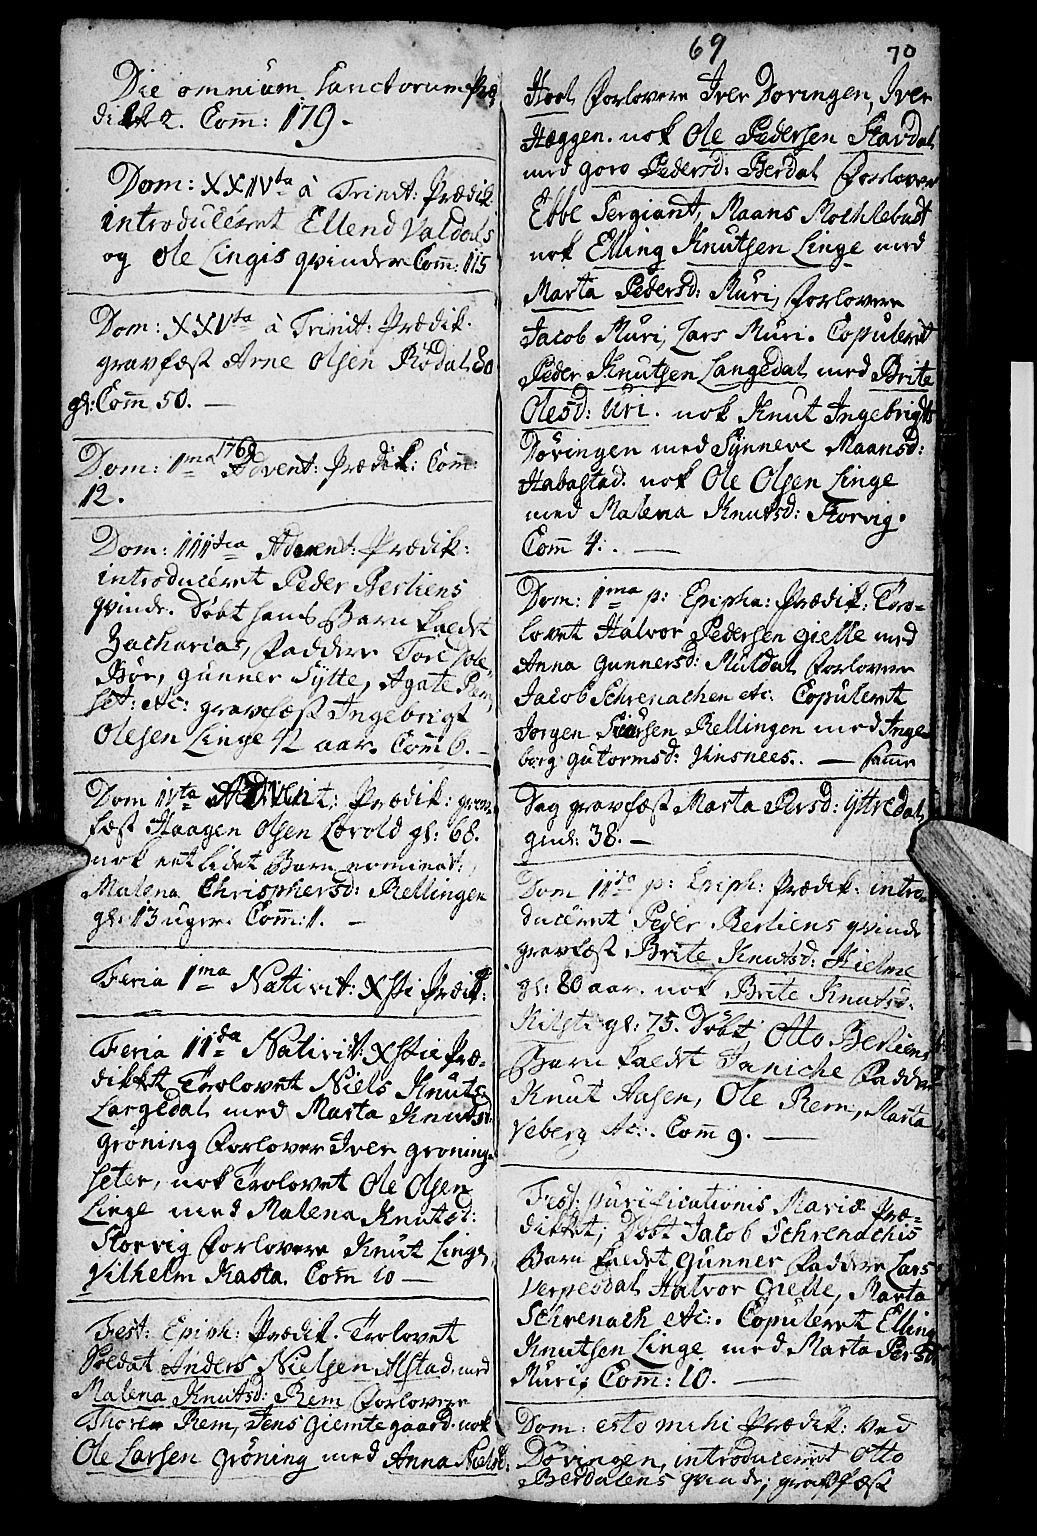 SAT, Ministerialprotokoller, klokkerbøker og fødselsregistre - Møre og Romsdal, 519/L0243: Ministerialbok nr. 519A02, 1760-1770, s. 69-70